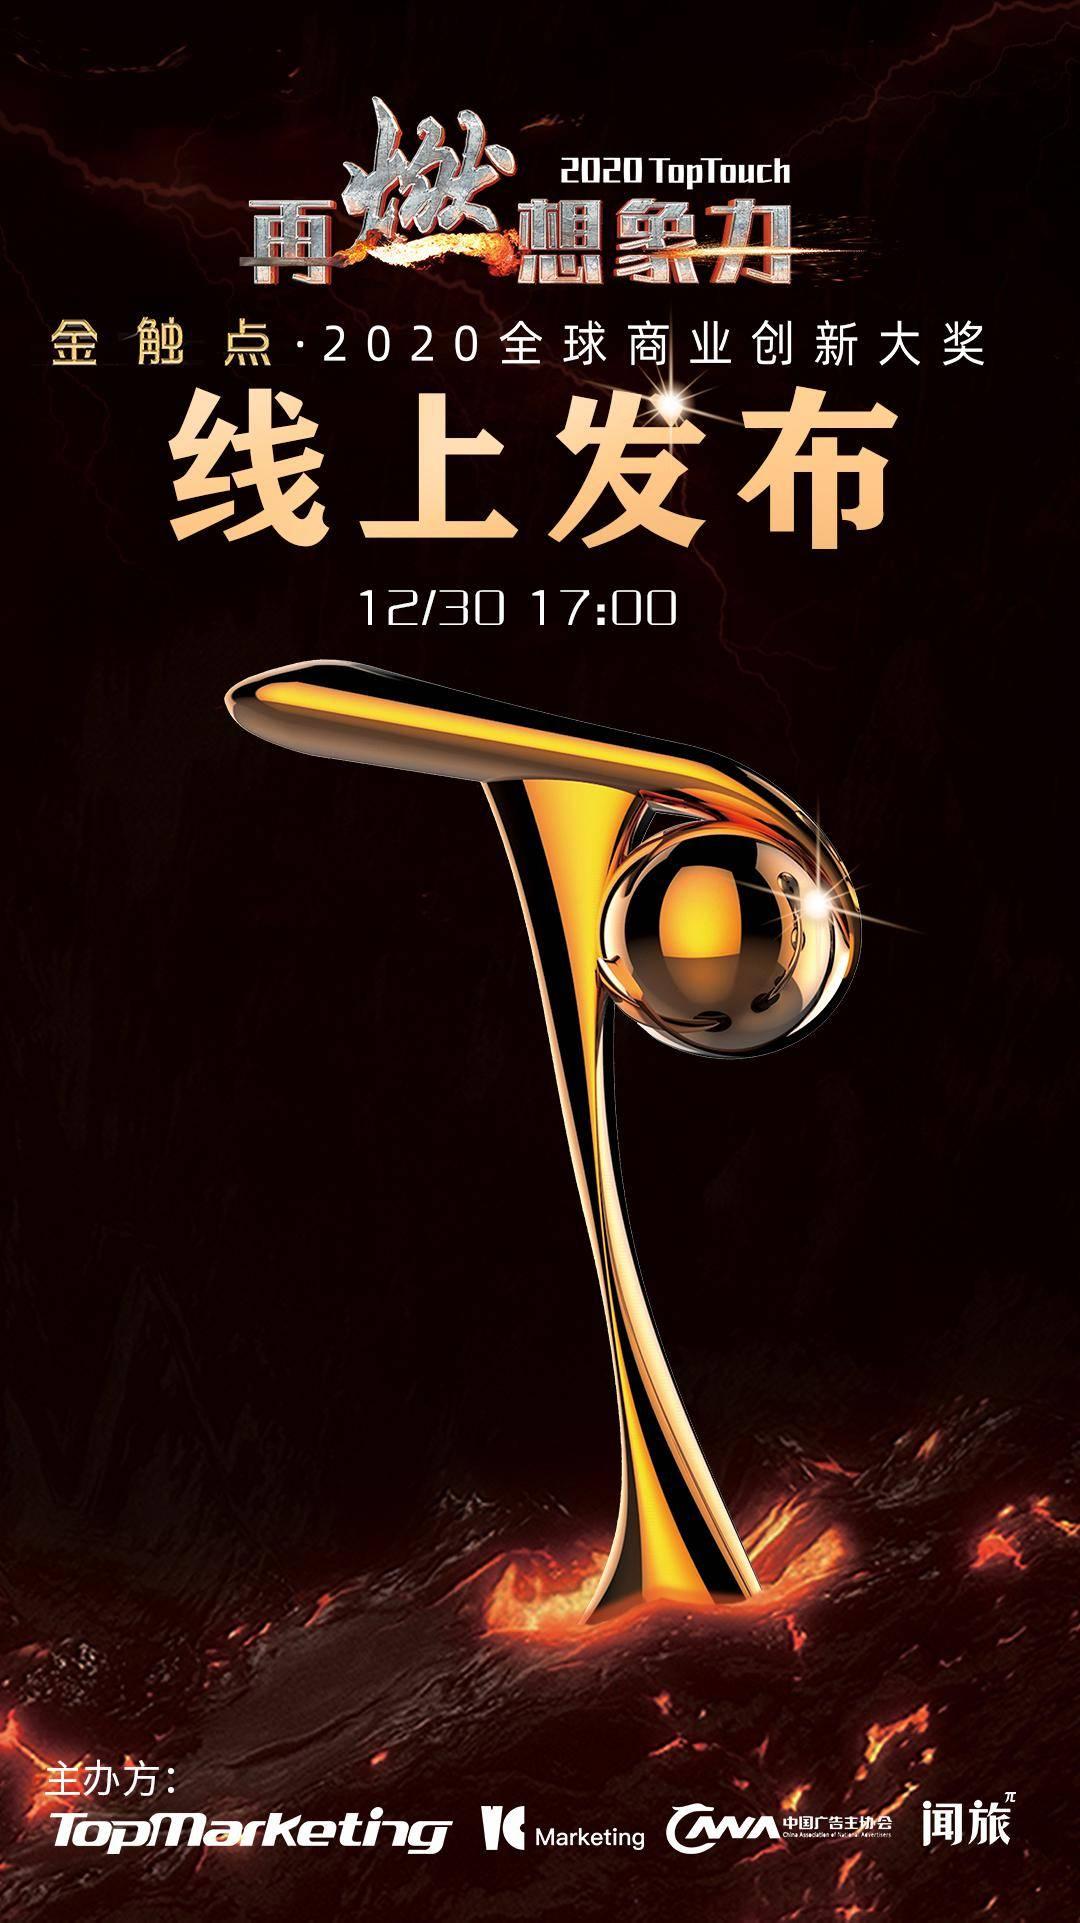 TakiTaki获得金接触全球商业创新奖,新消费潮流重新燃起活力